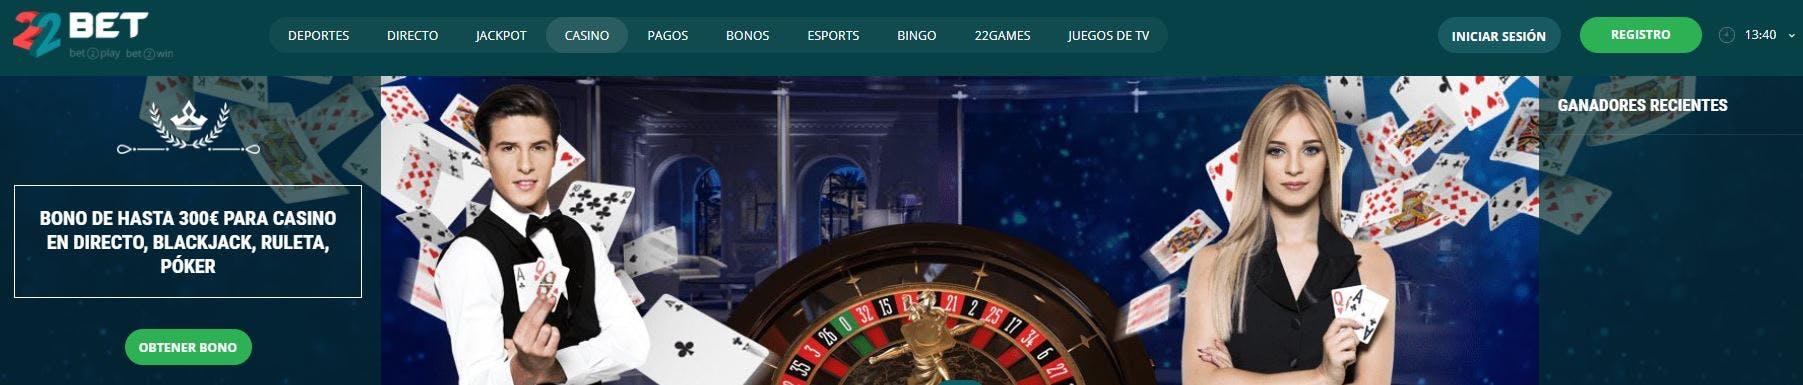 22bet casino online en Uruguay